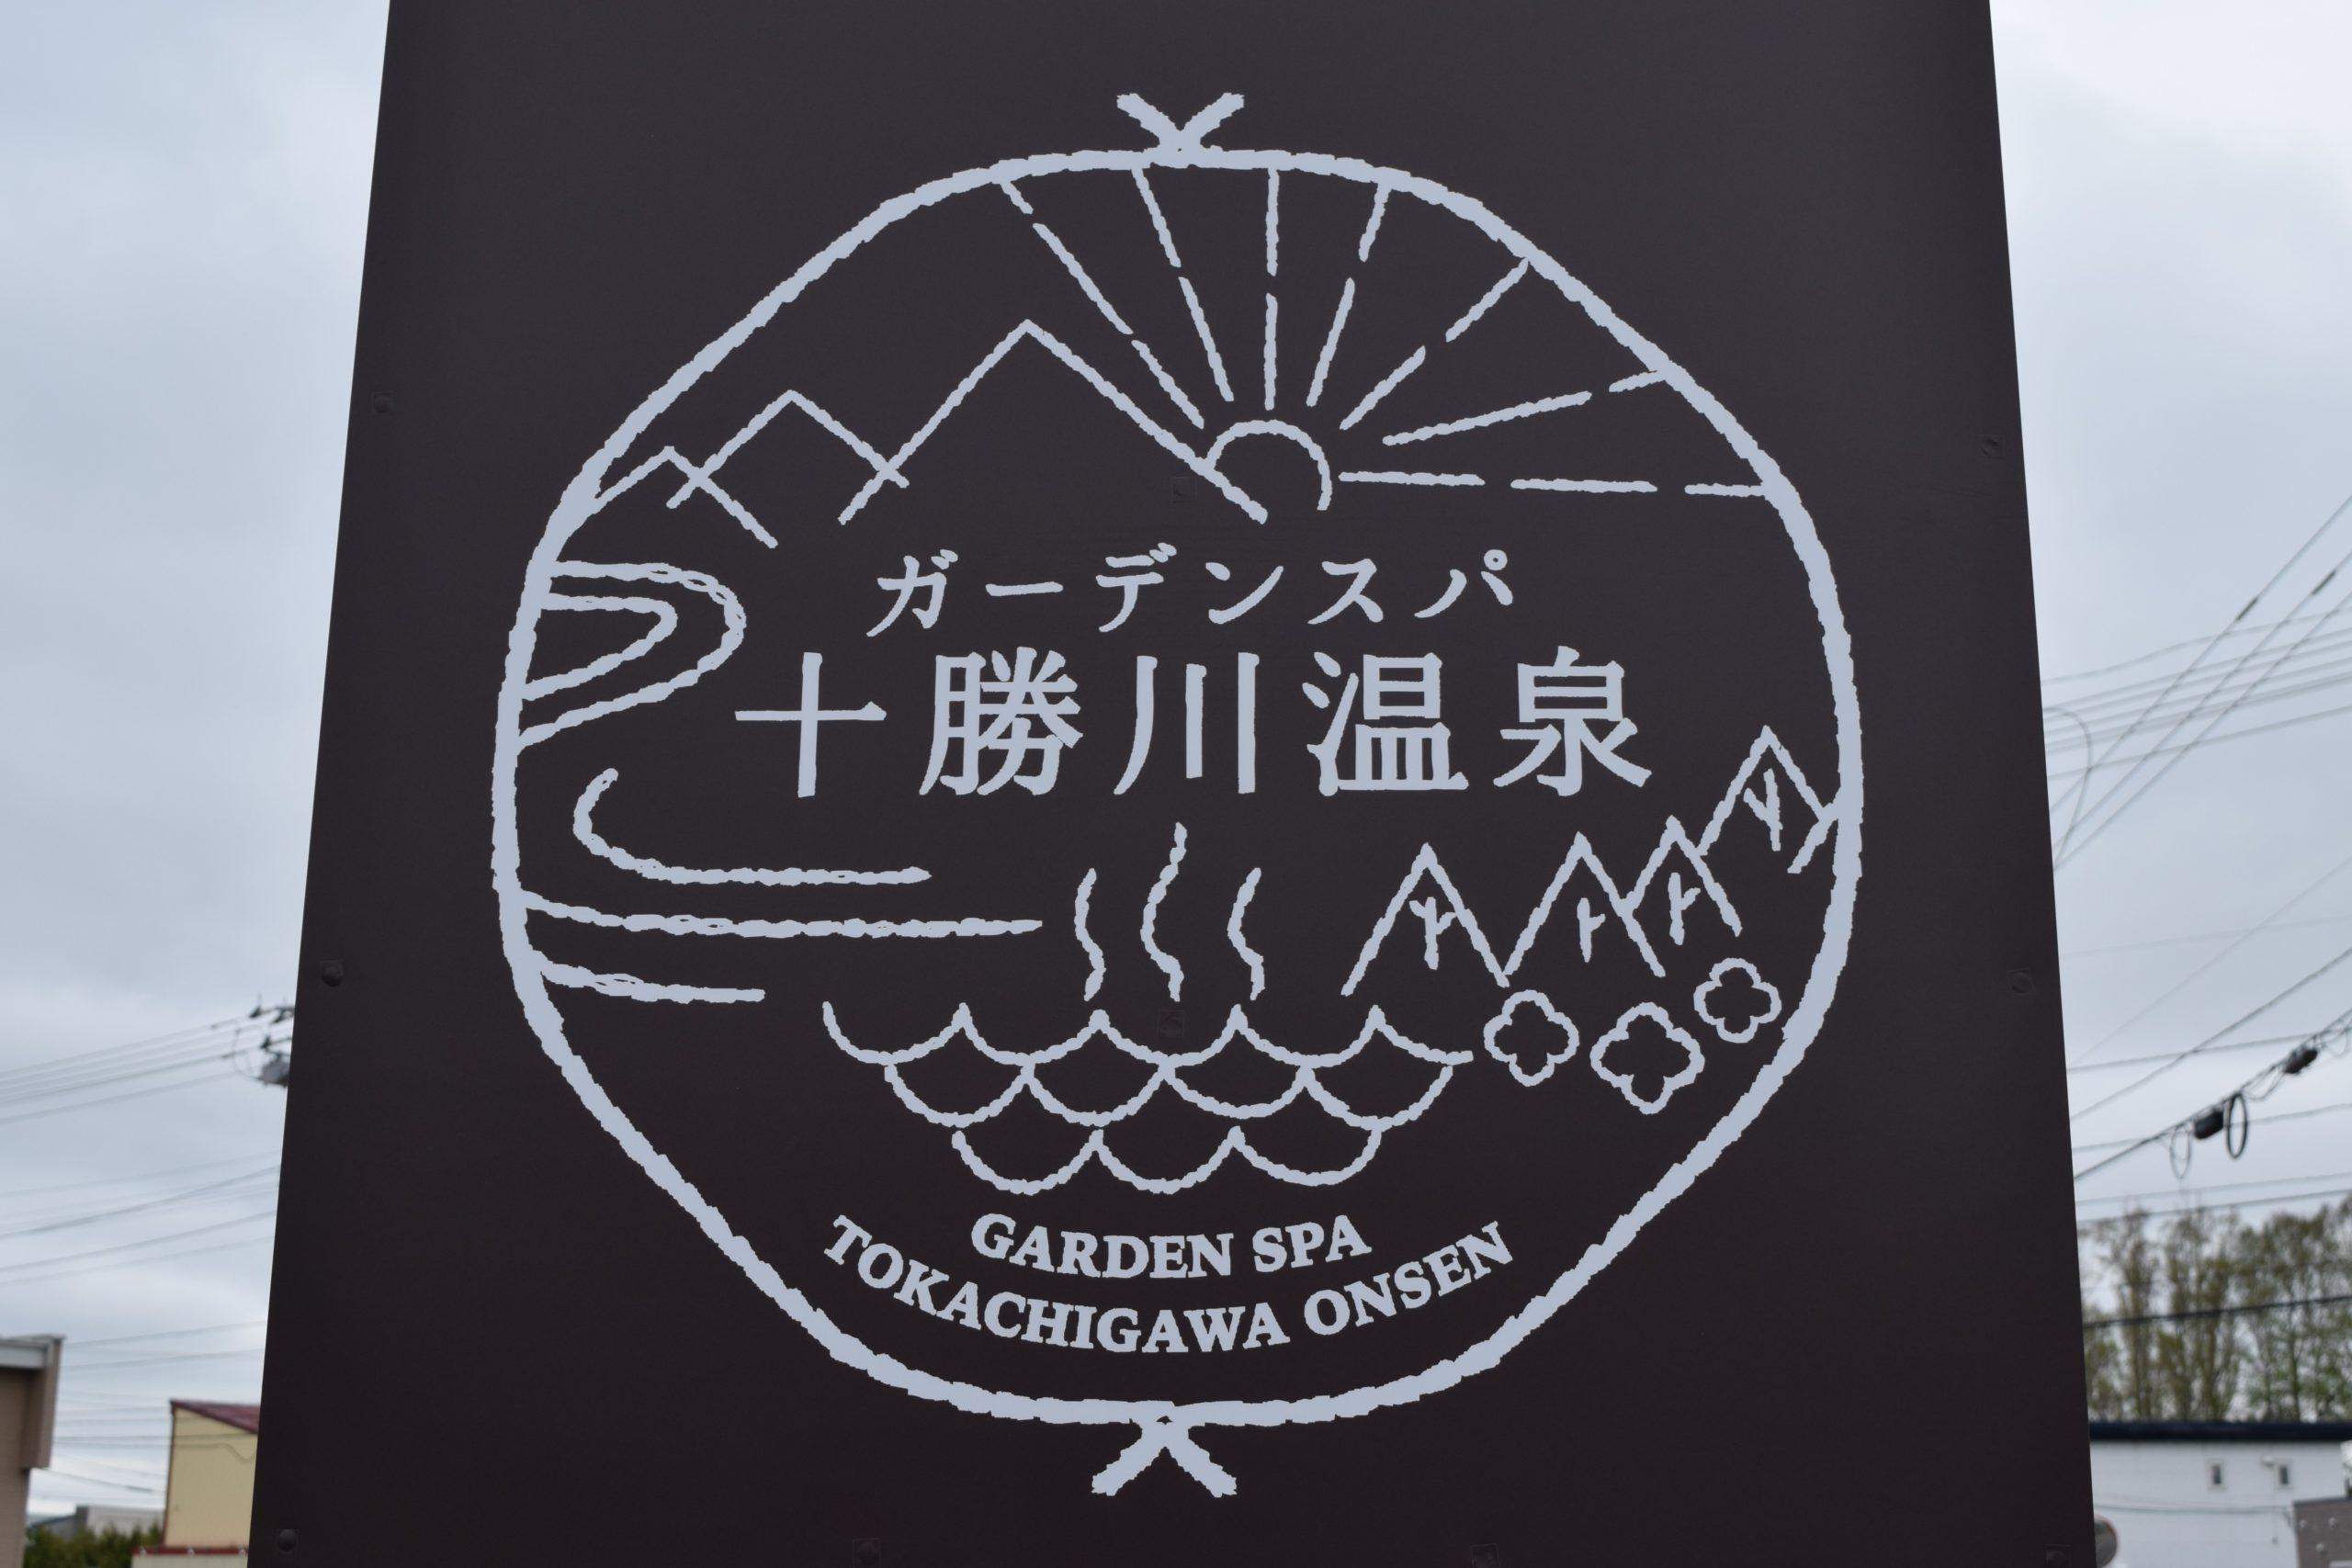 ガーデンスパ十勝川温泉Wi-Fi